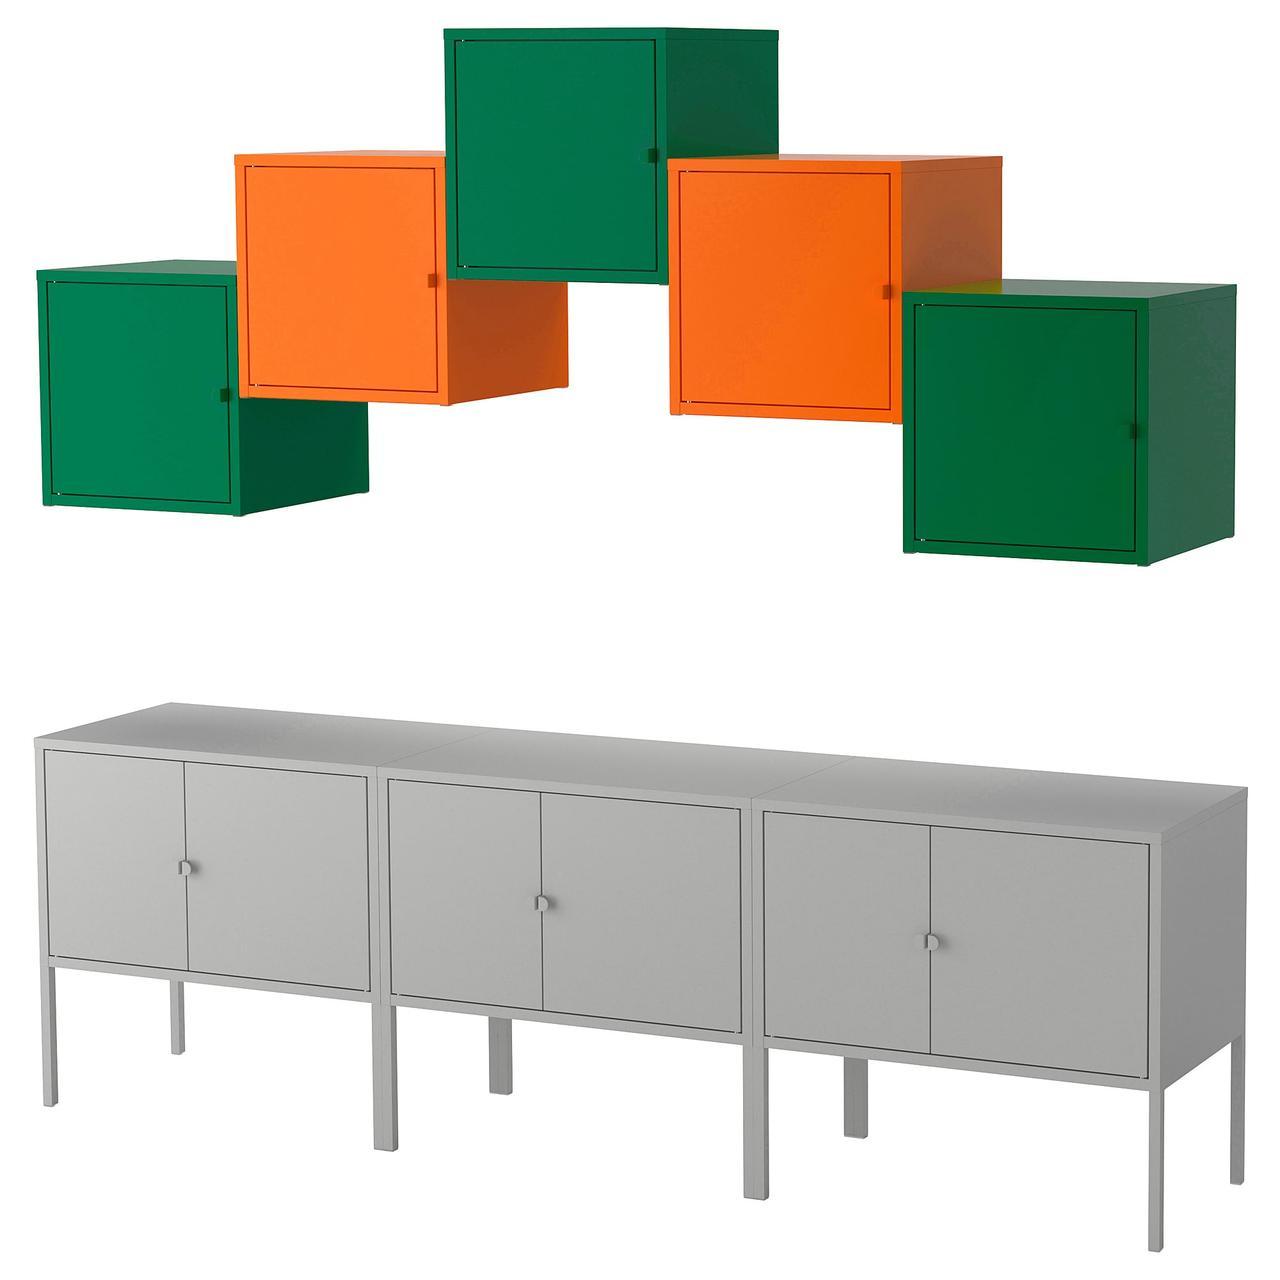 ЛИКСГУЛЬТ Комбинация д/хранения, серый темно-зеленый, оранжевый